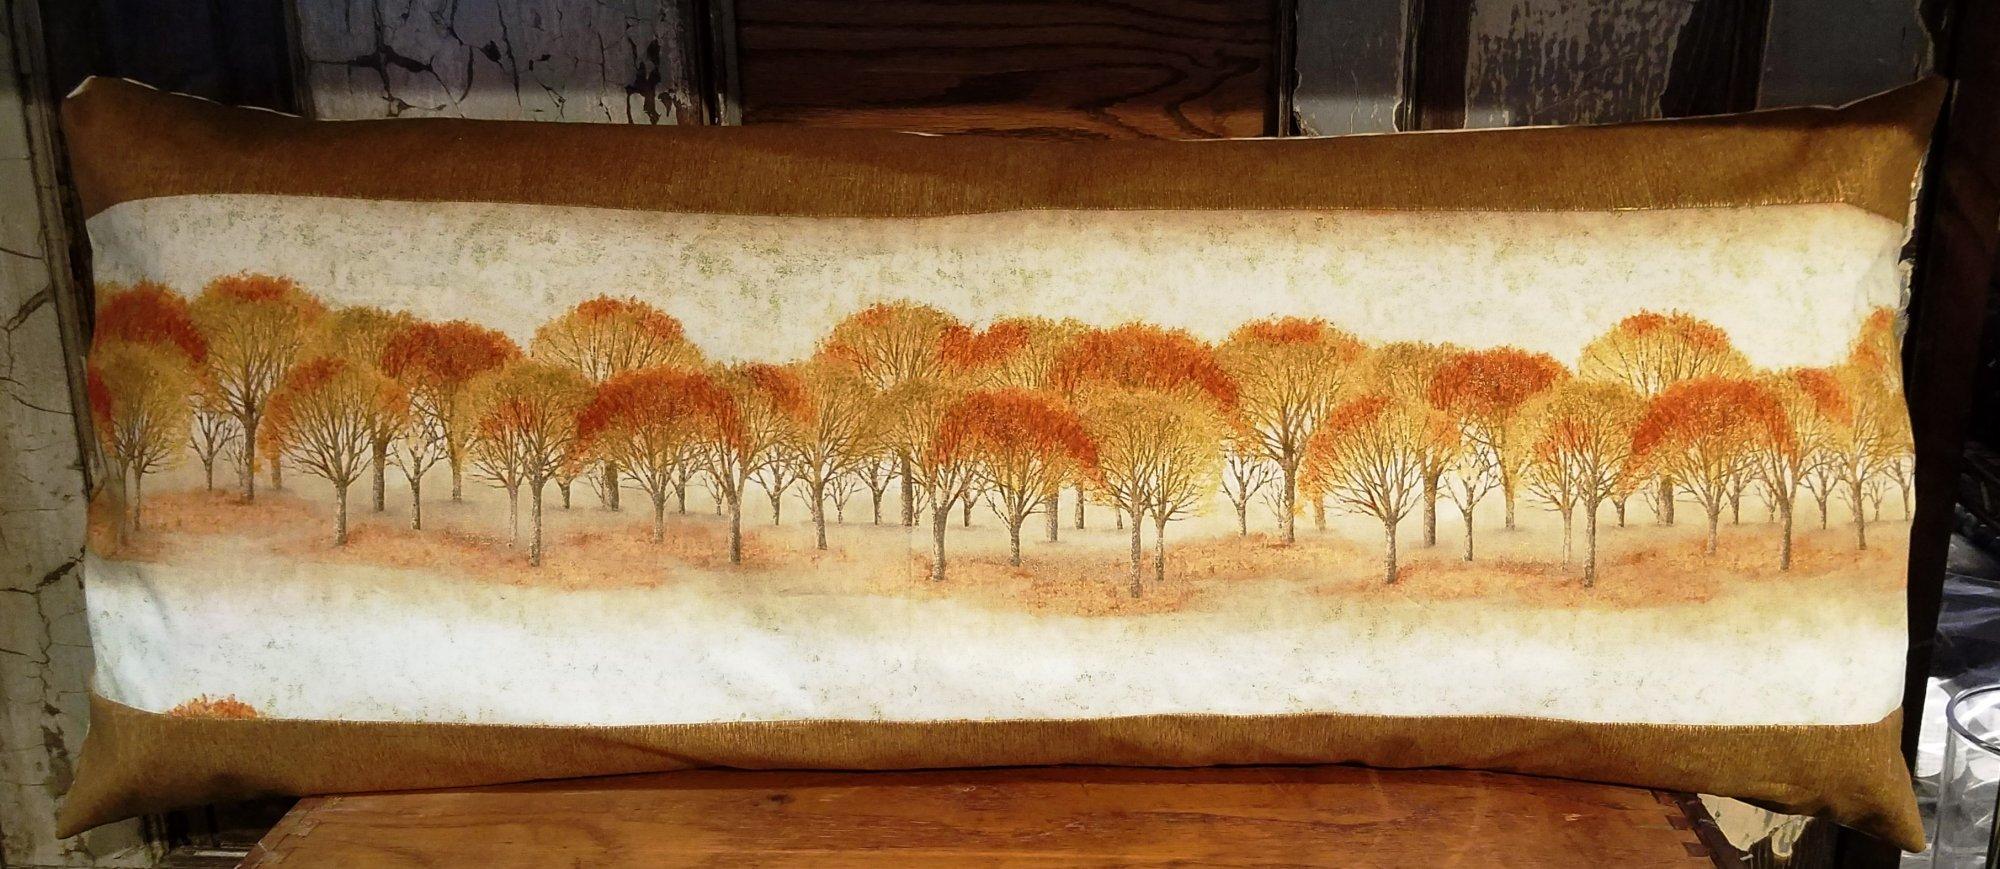 Bench Pillow Kit - Autumn Trees